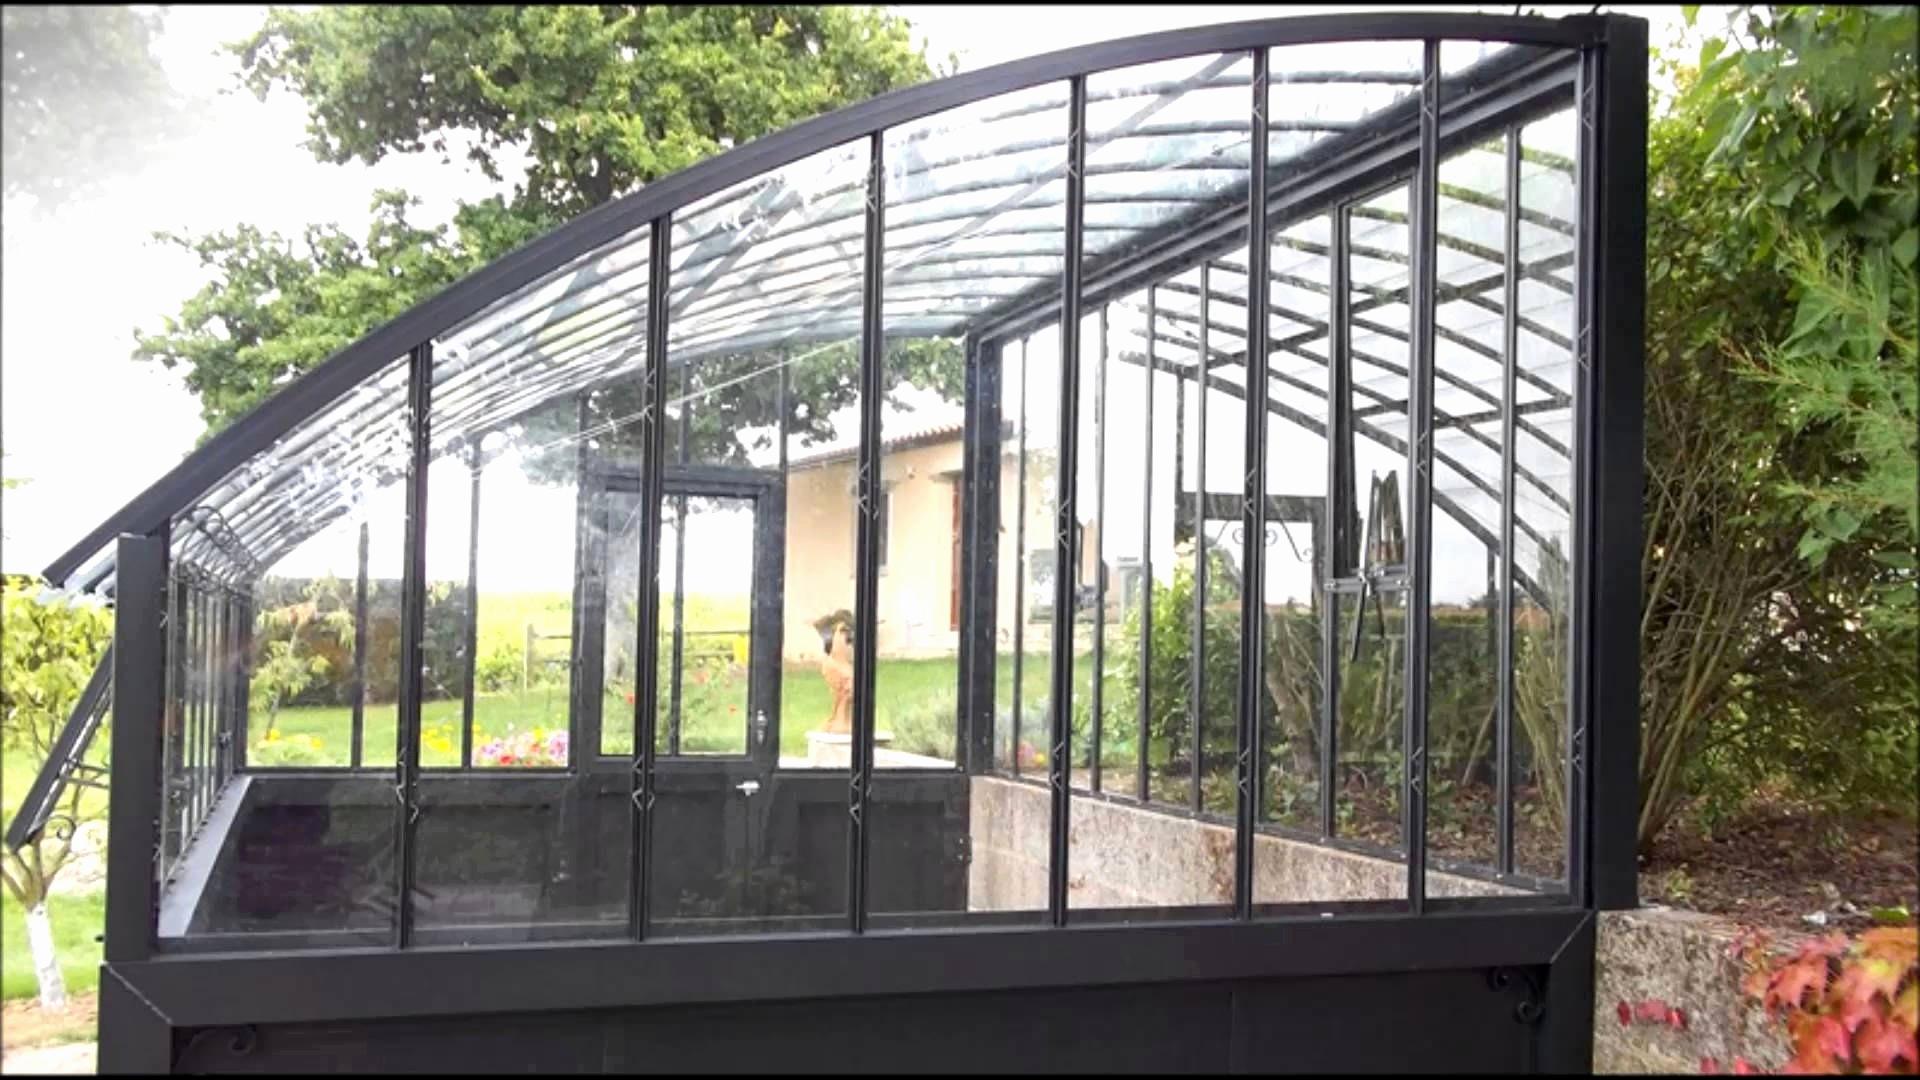 Jardin Zen Wallpaper Frais Stock S Amenagement Jardin Paysager Nouveau Les Jardins De Cocagne